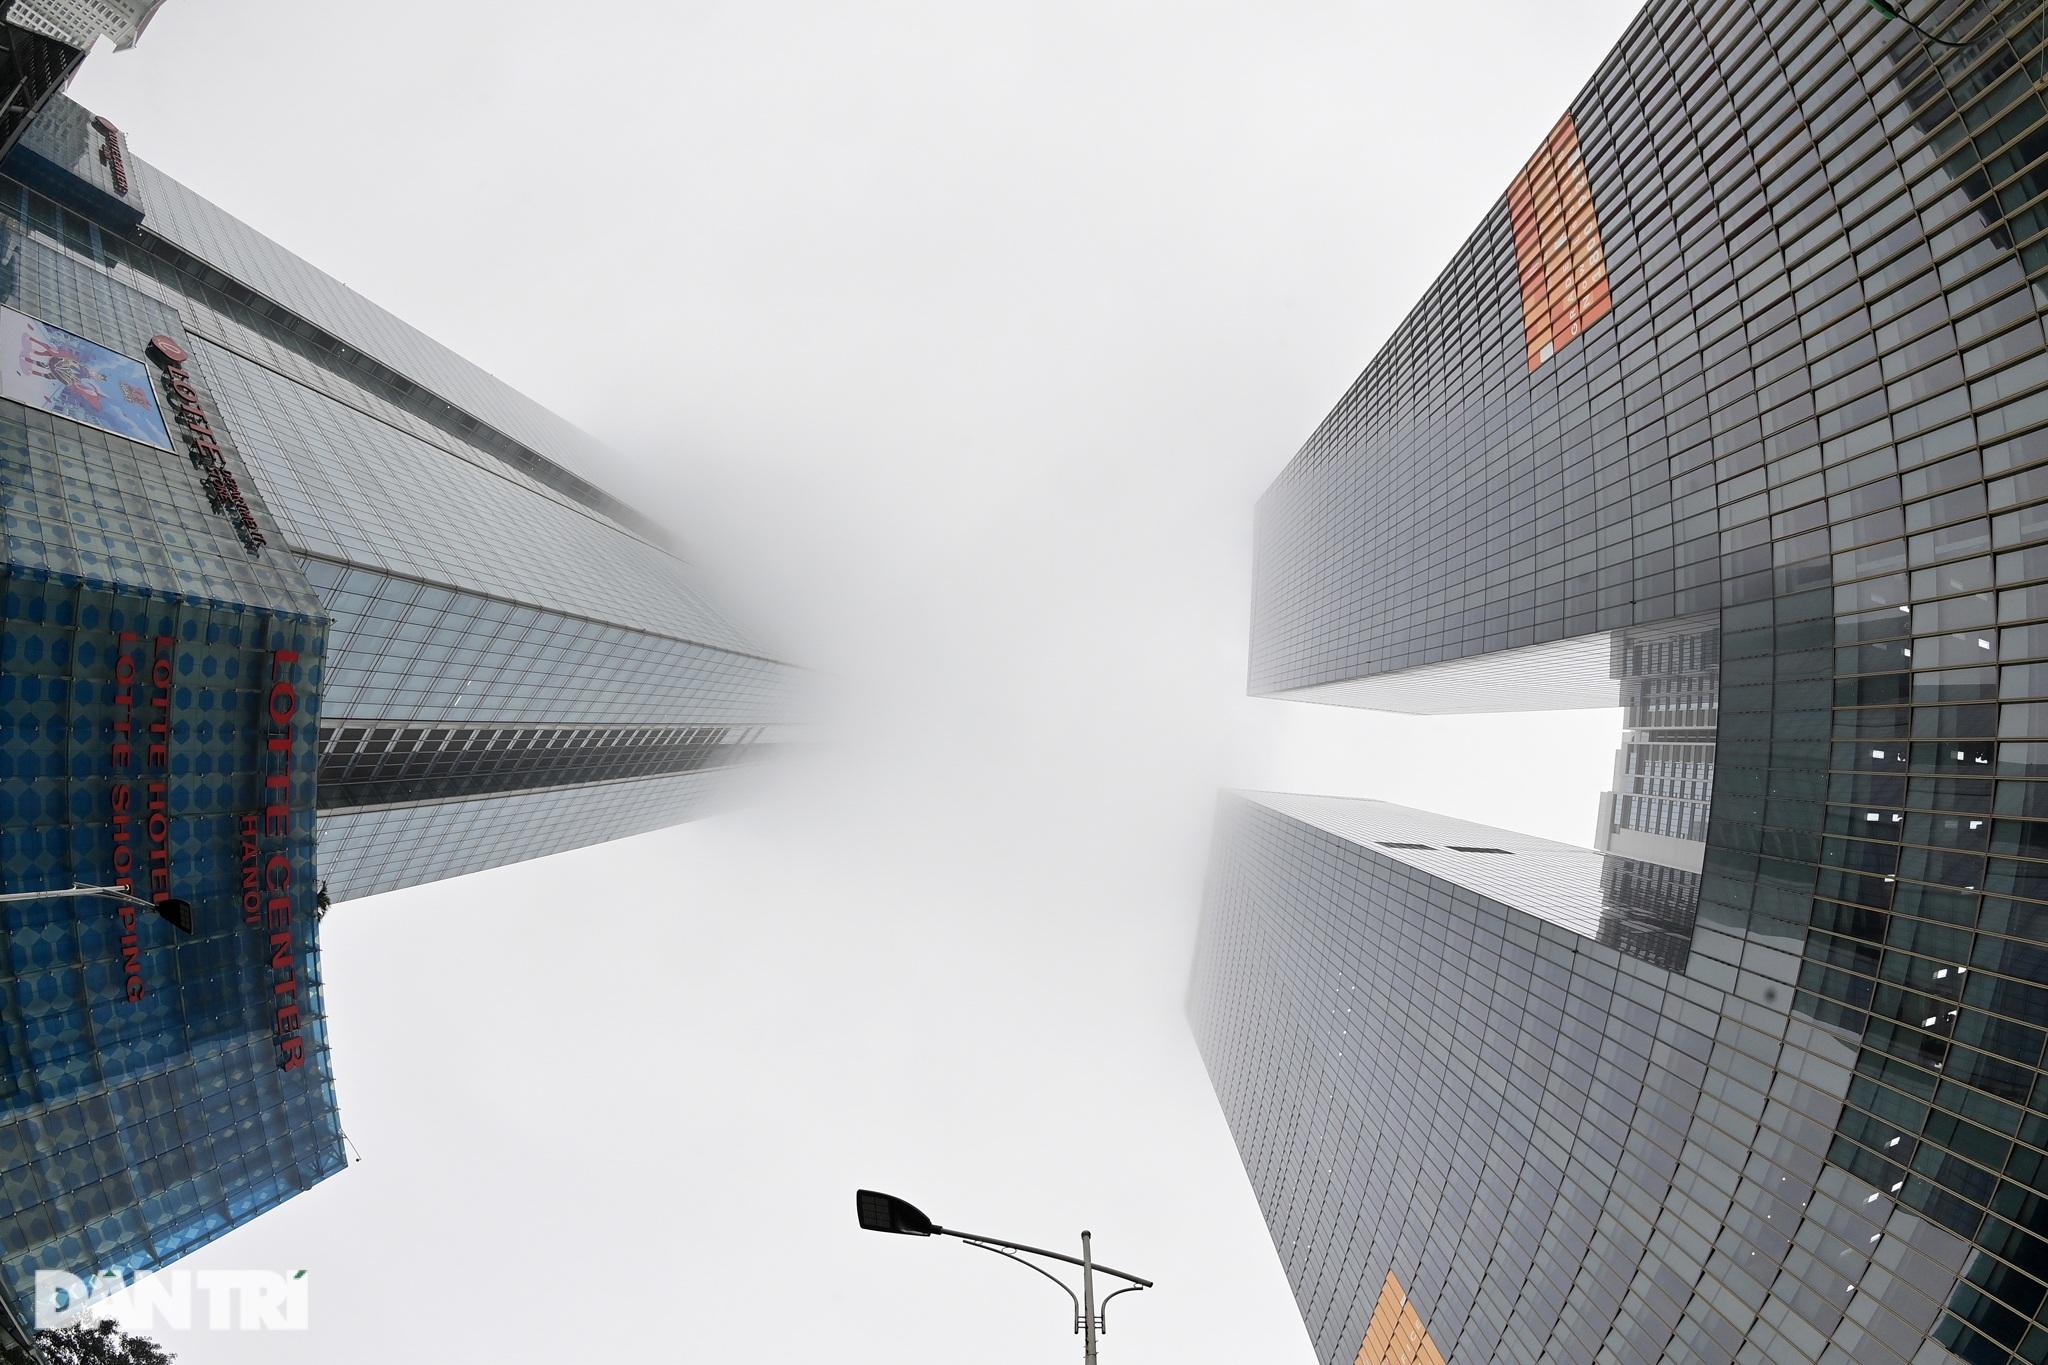 Những tòa nhà chọc trời ở Hà Nội biến mất trong làn sương dày đặc - 7